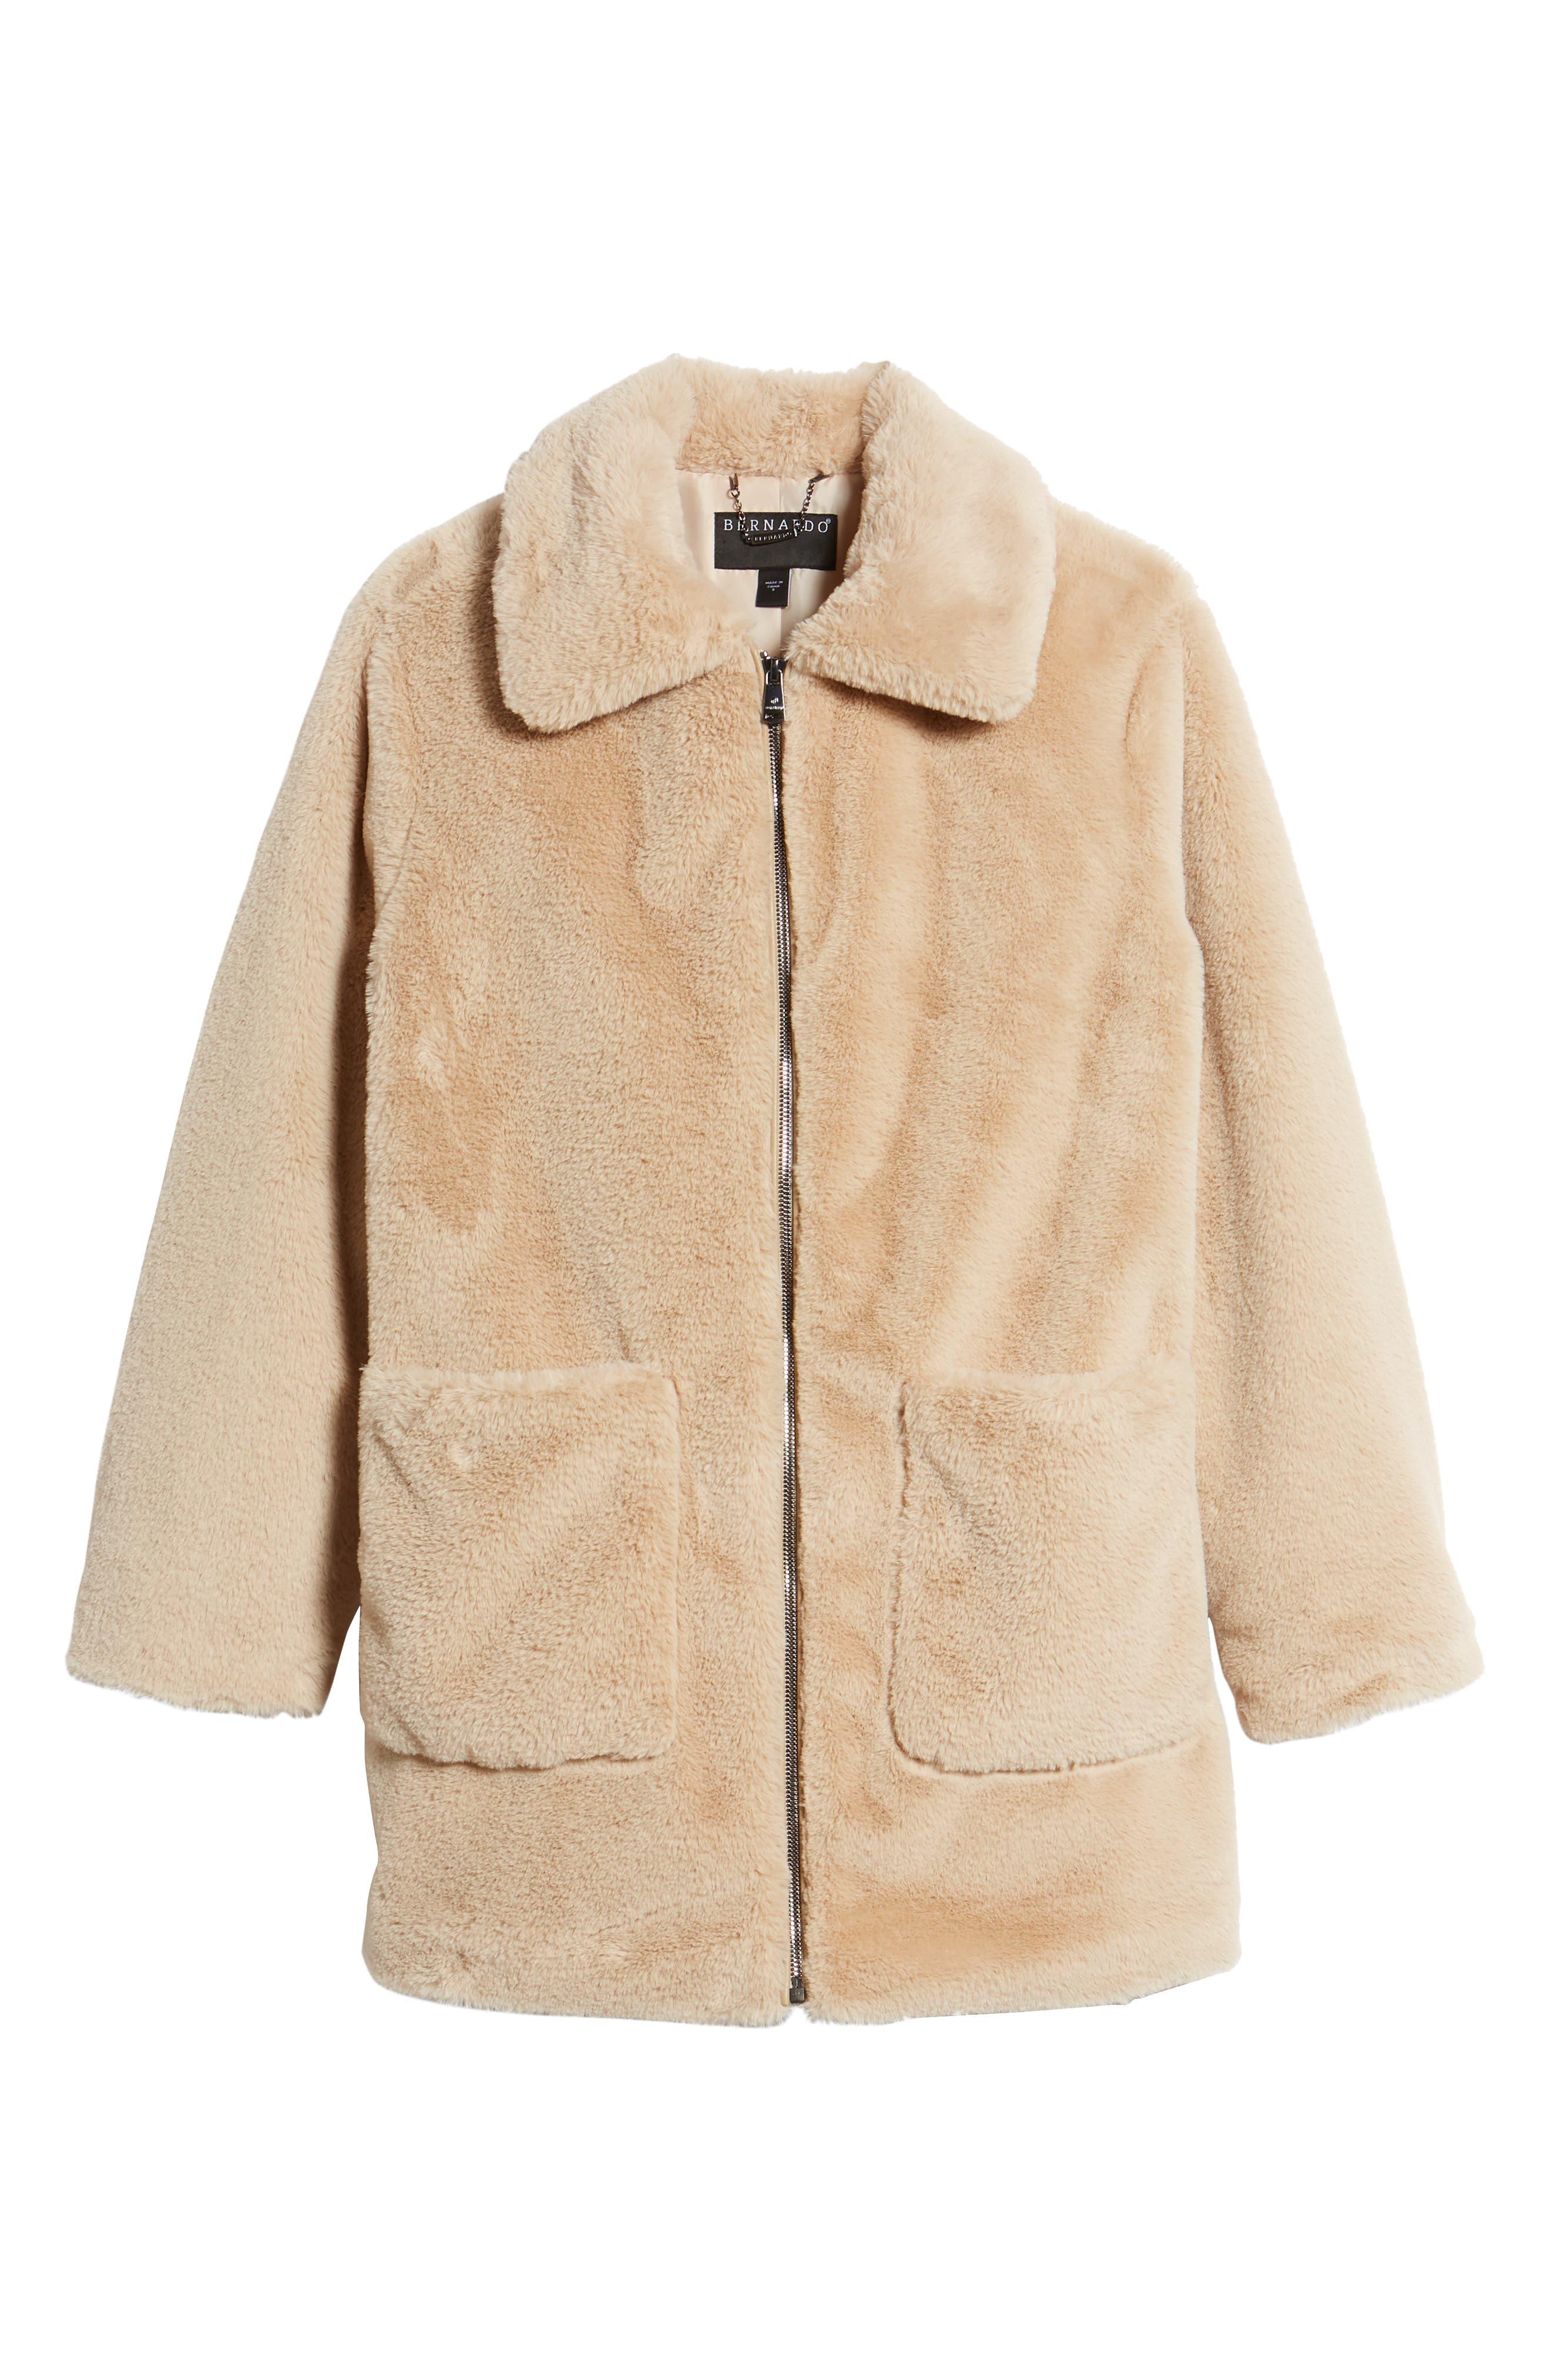 Faux Fur Coat,                             Alternate thumbnail 6, color,                             BLUSH BEIGE